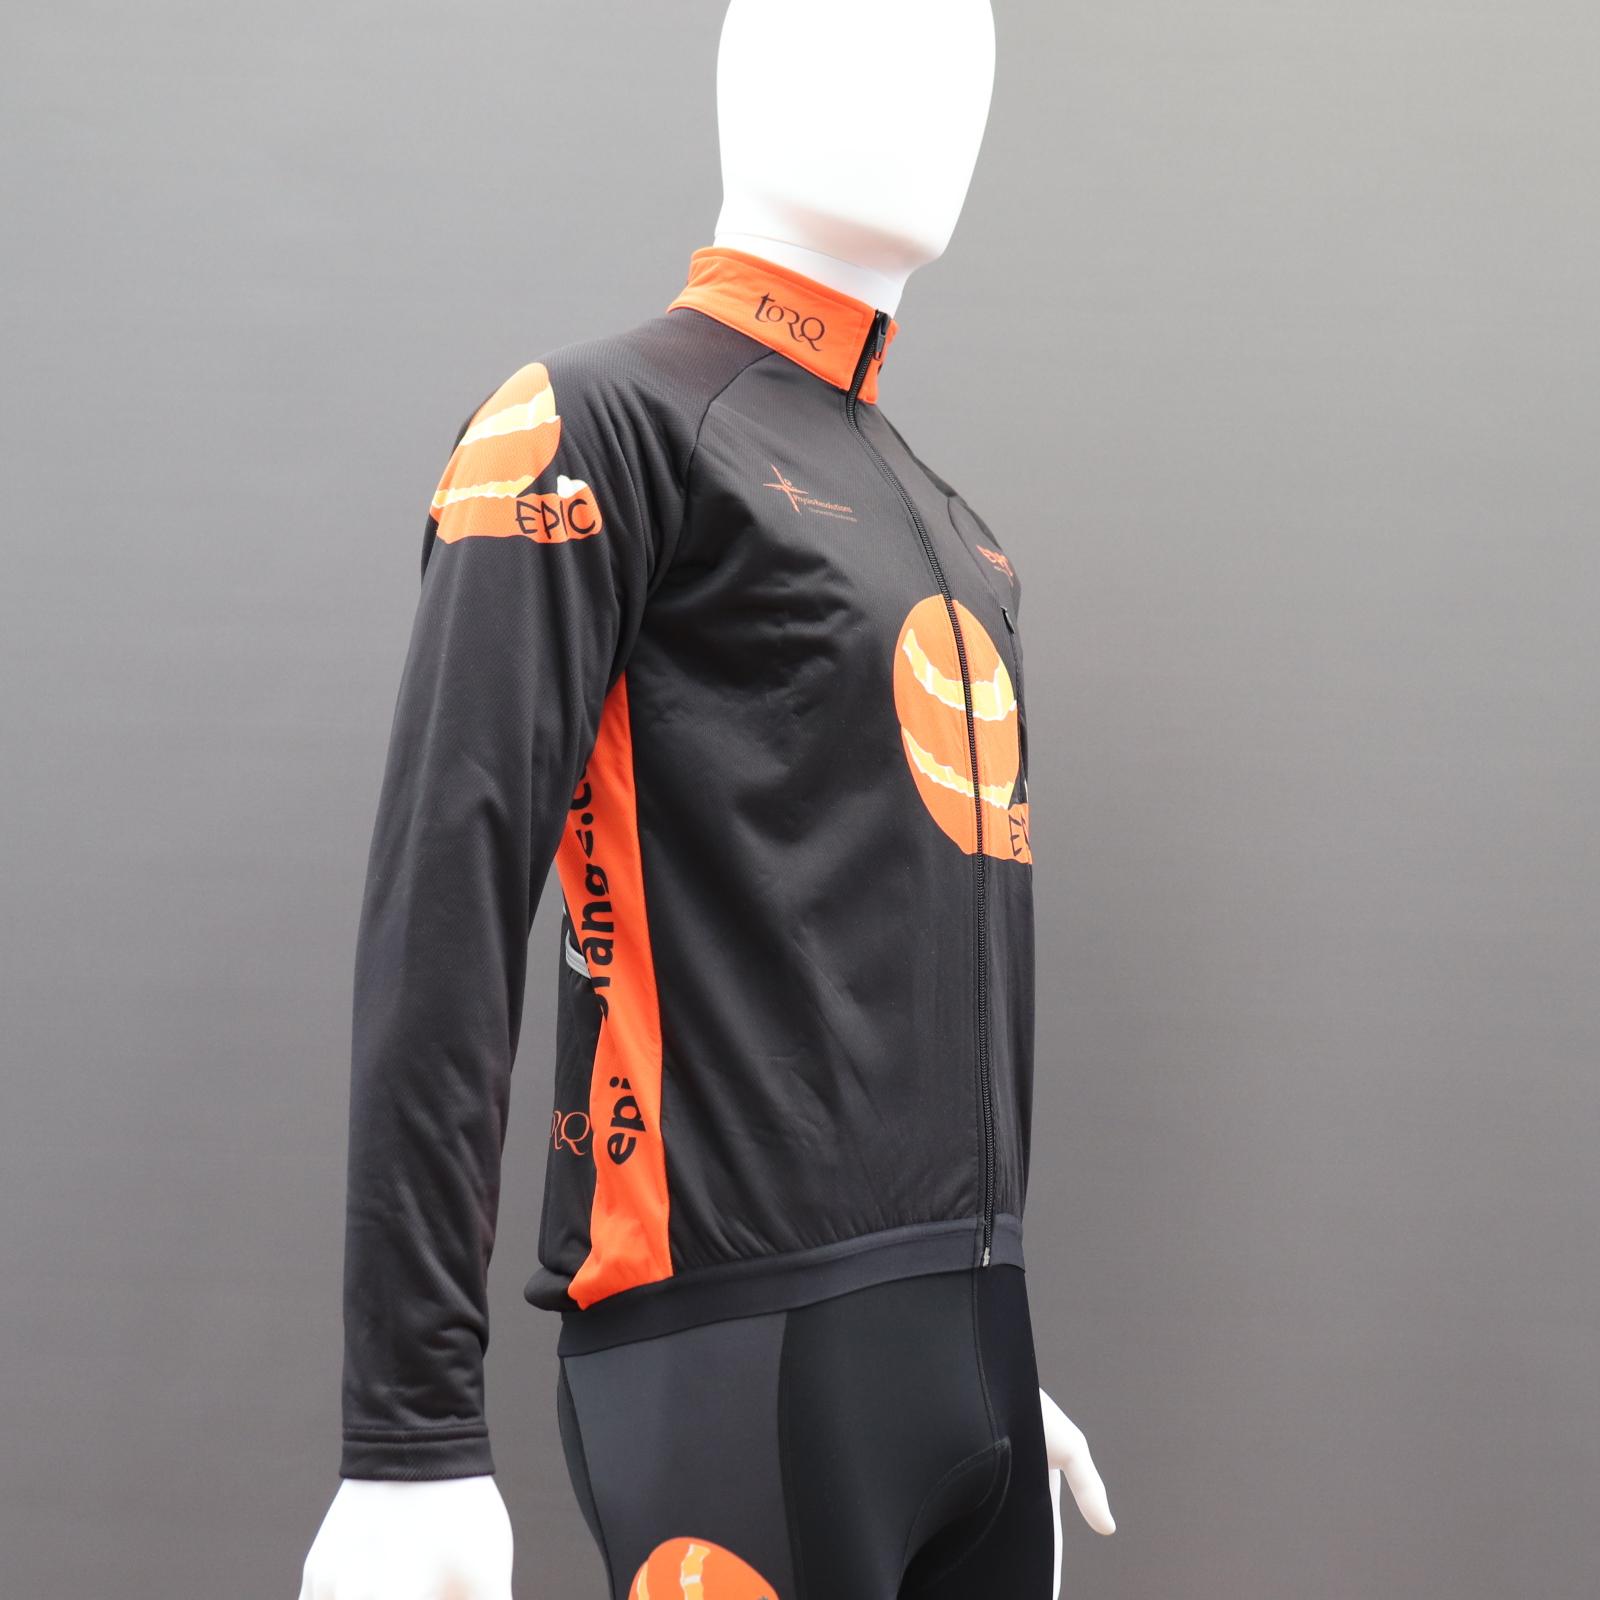 Sub Zero Custom Winter Cycle Jackets